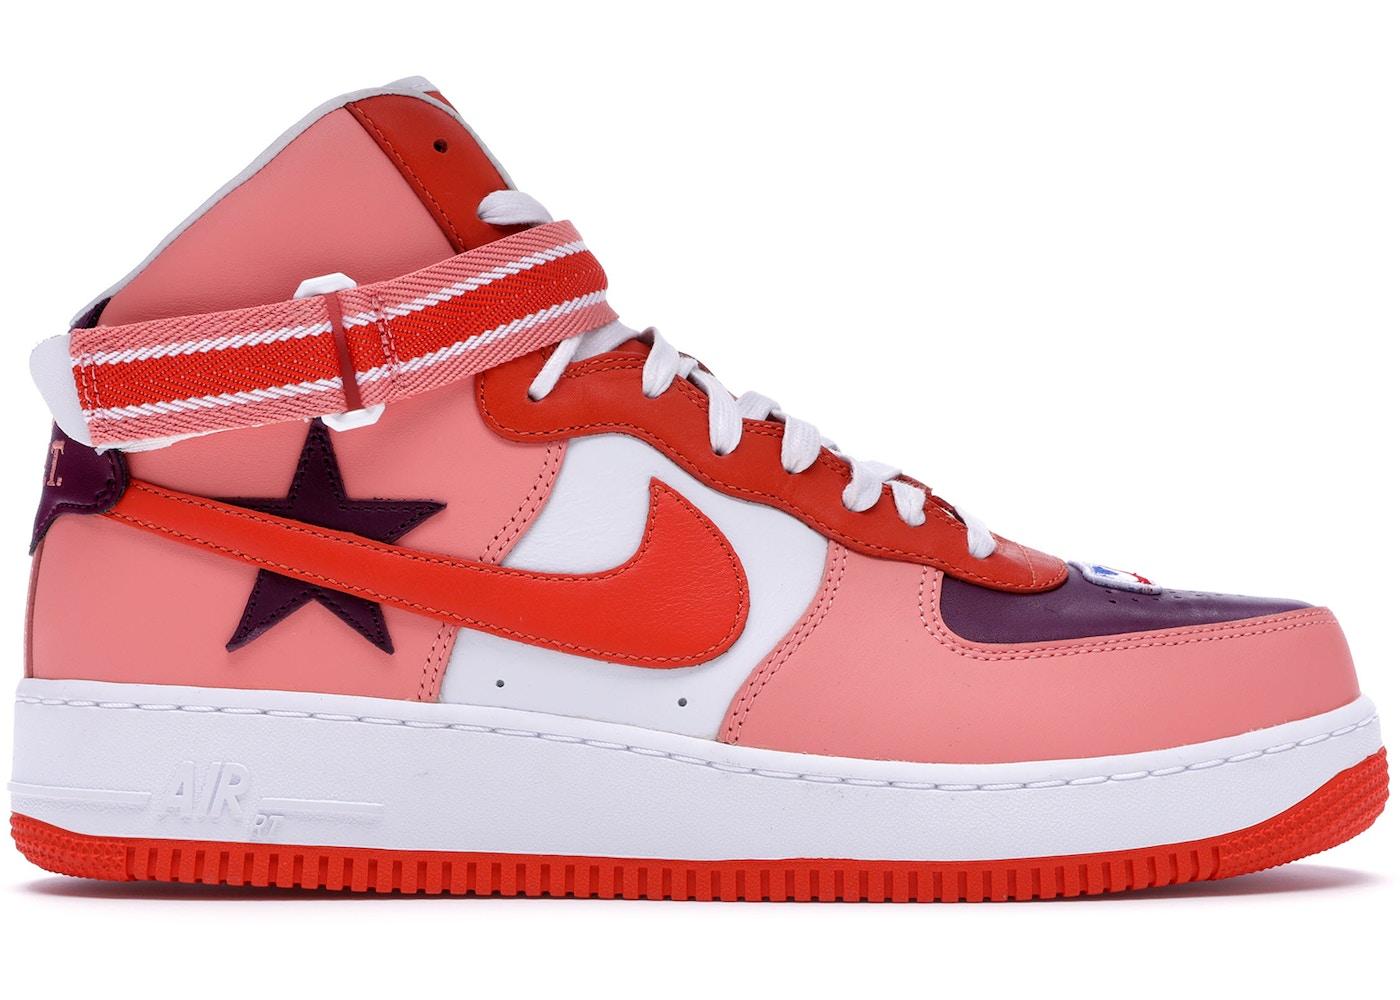 vida Banquete Hecho de  Nike Air Force 1 High Riccardo Tisci All-Star 2018 (Pink) - AQ3366-601